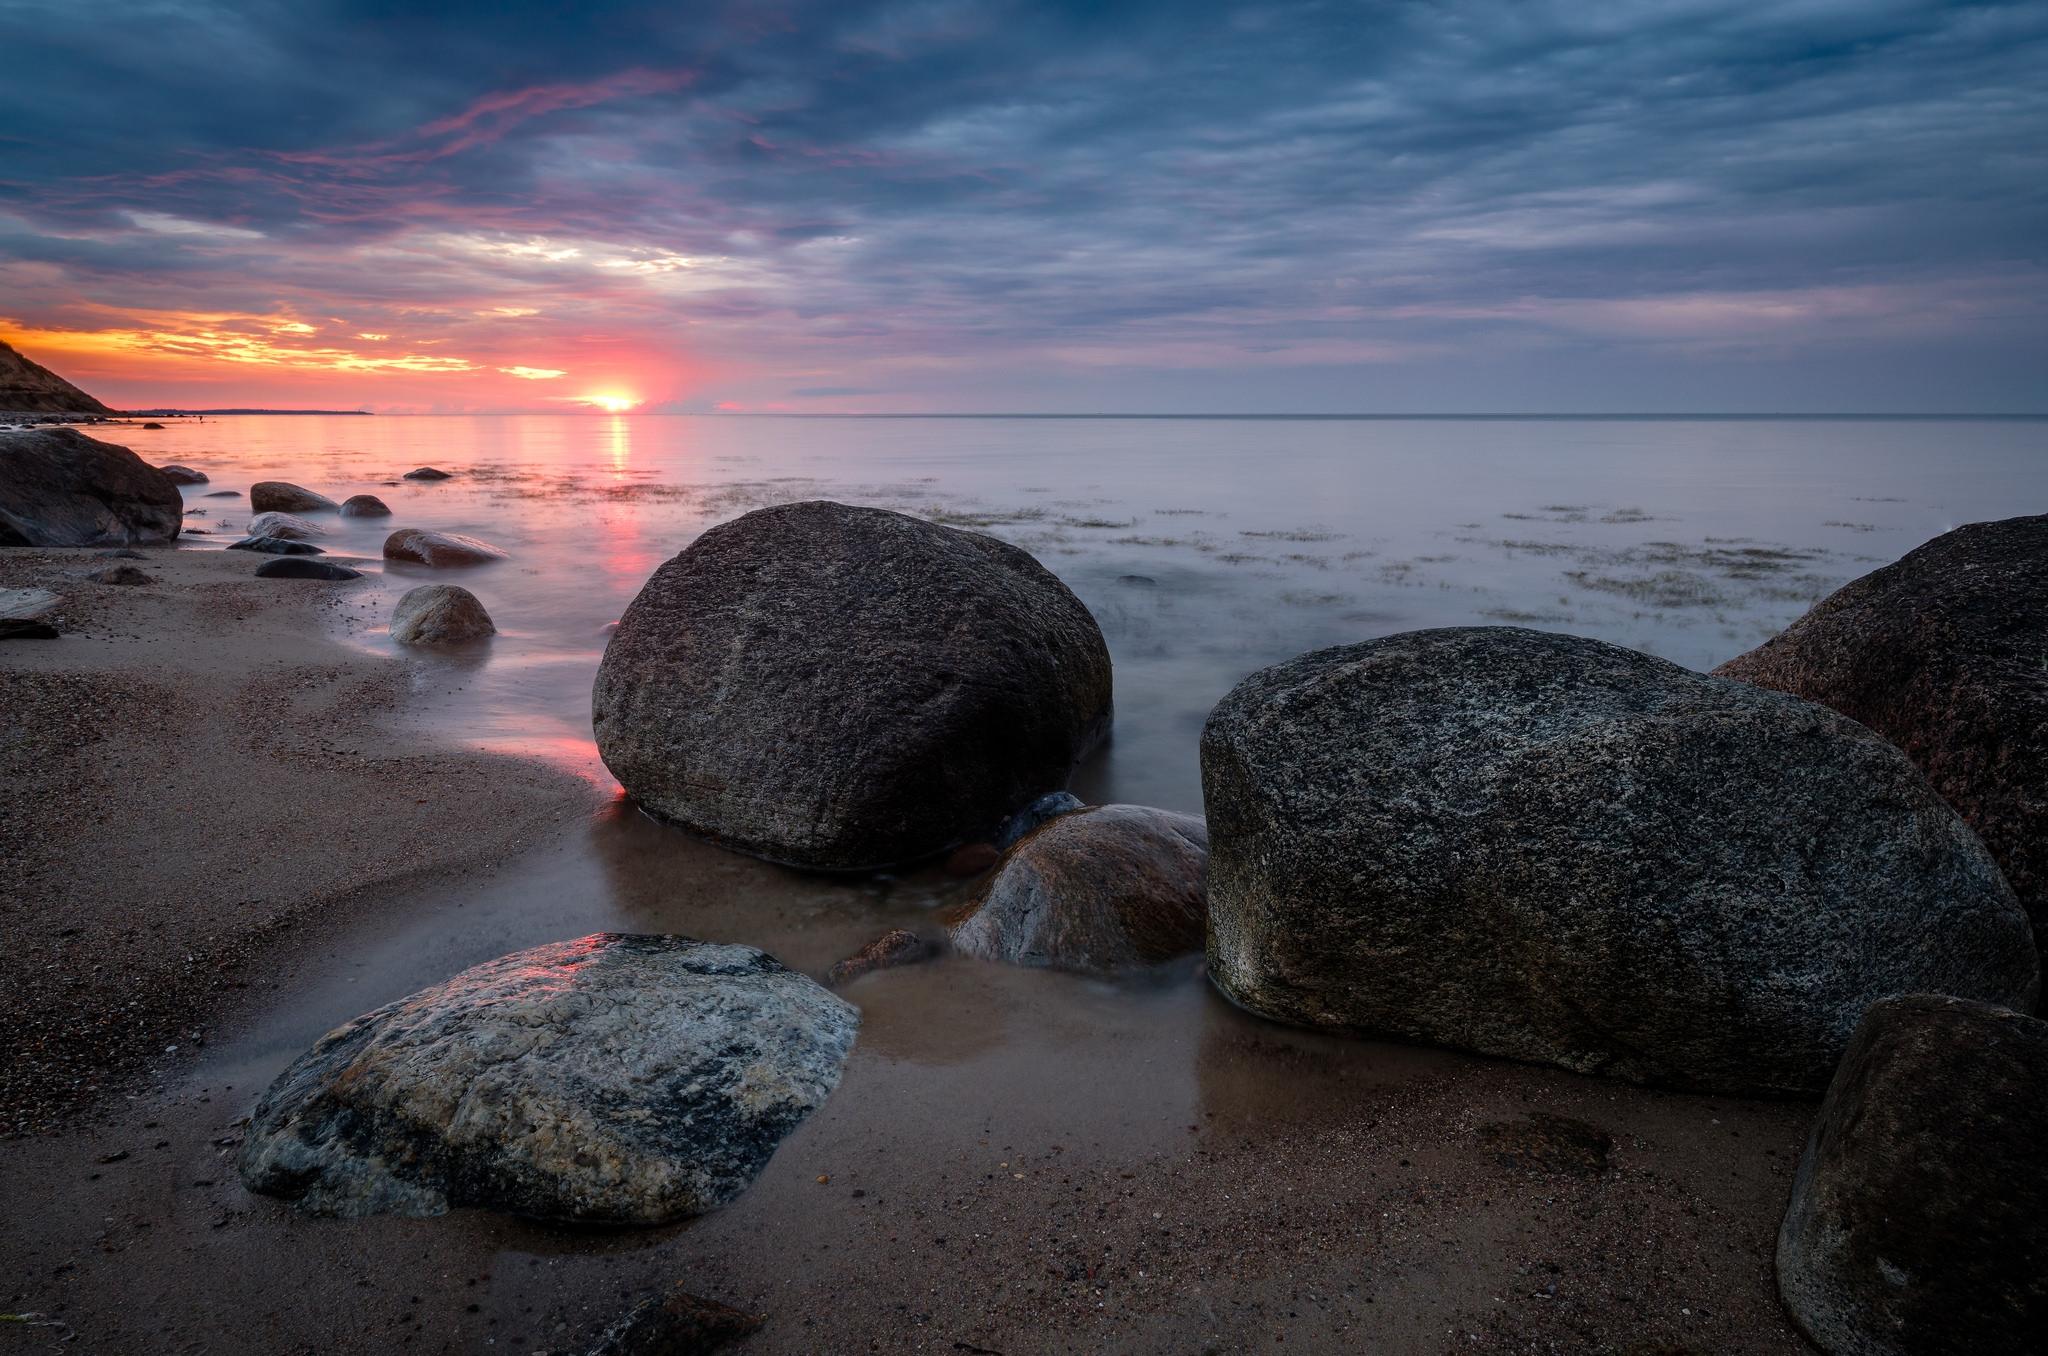 Sonnenuntergang mit versteinerten Meerjungfrauen am Weißenhäuser Strand